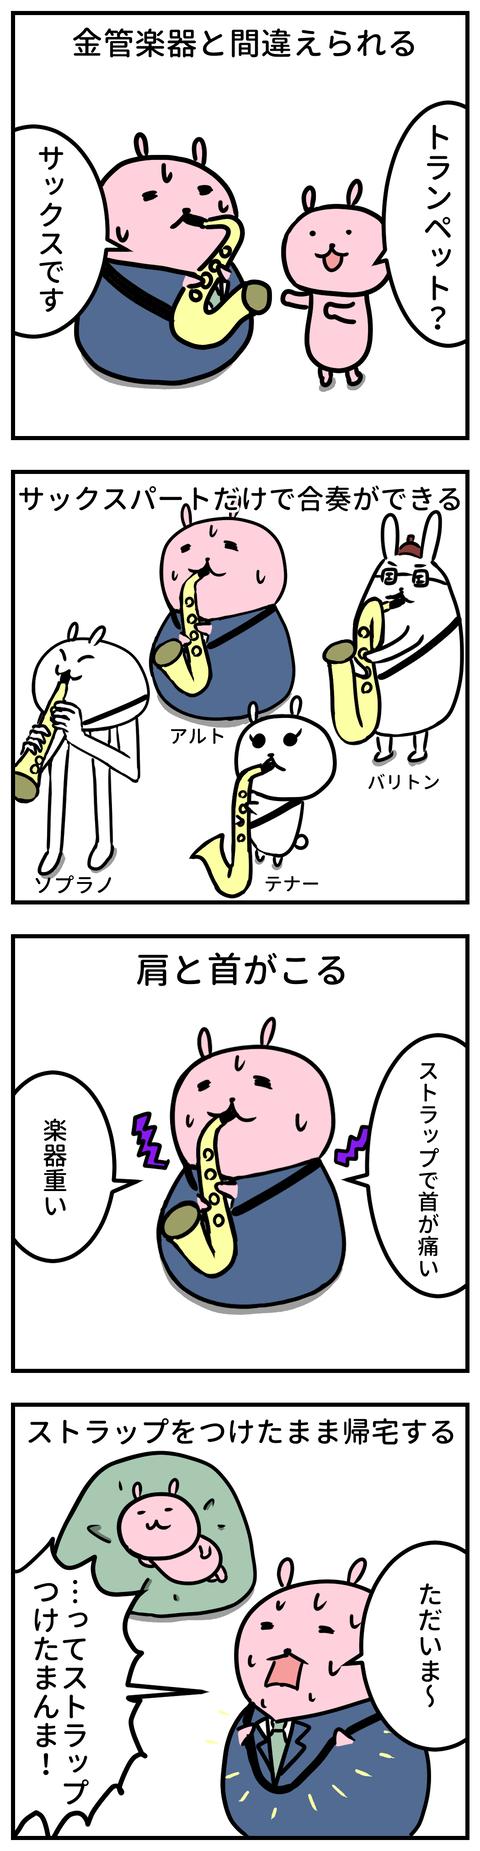 コミック2_070